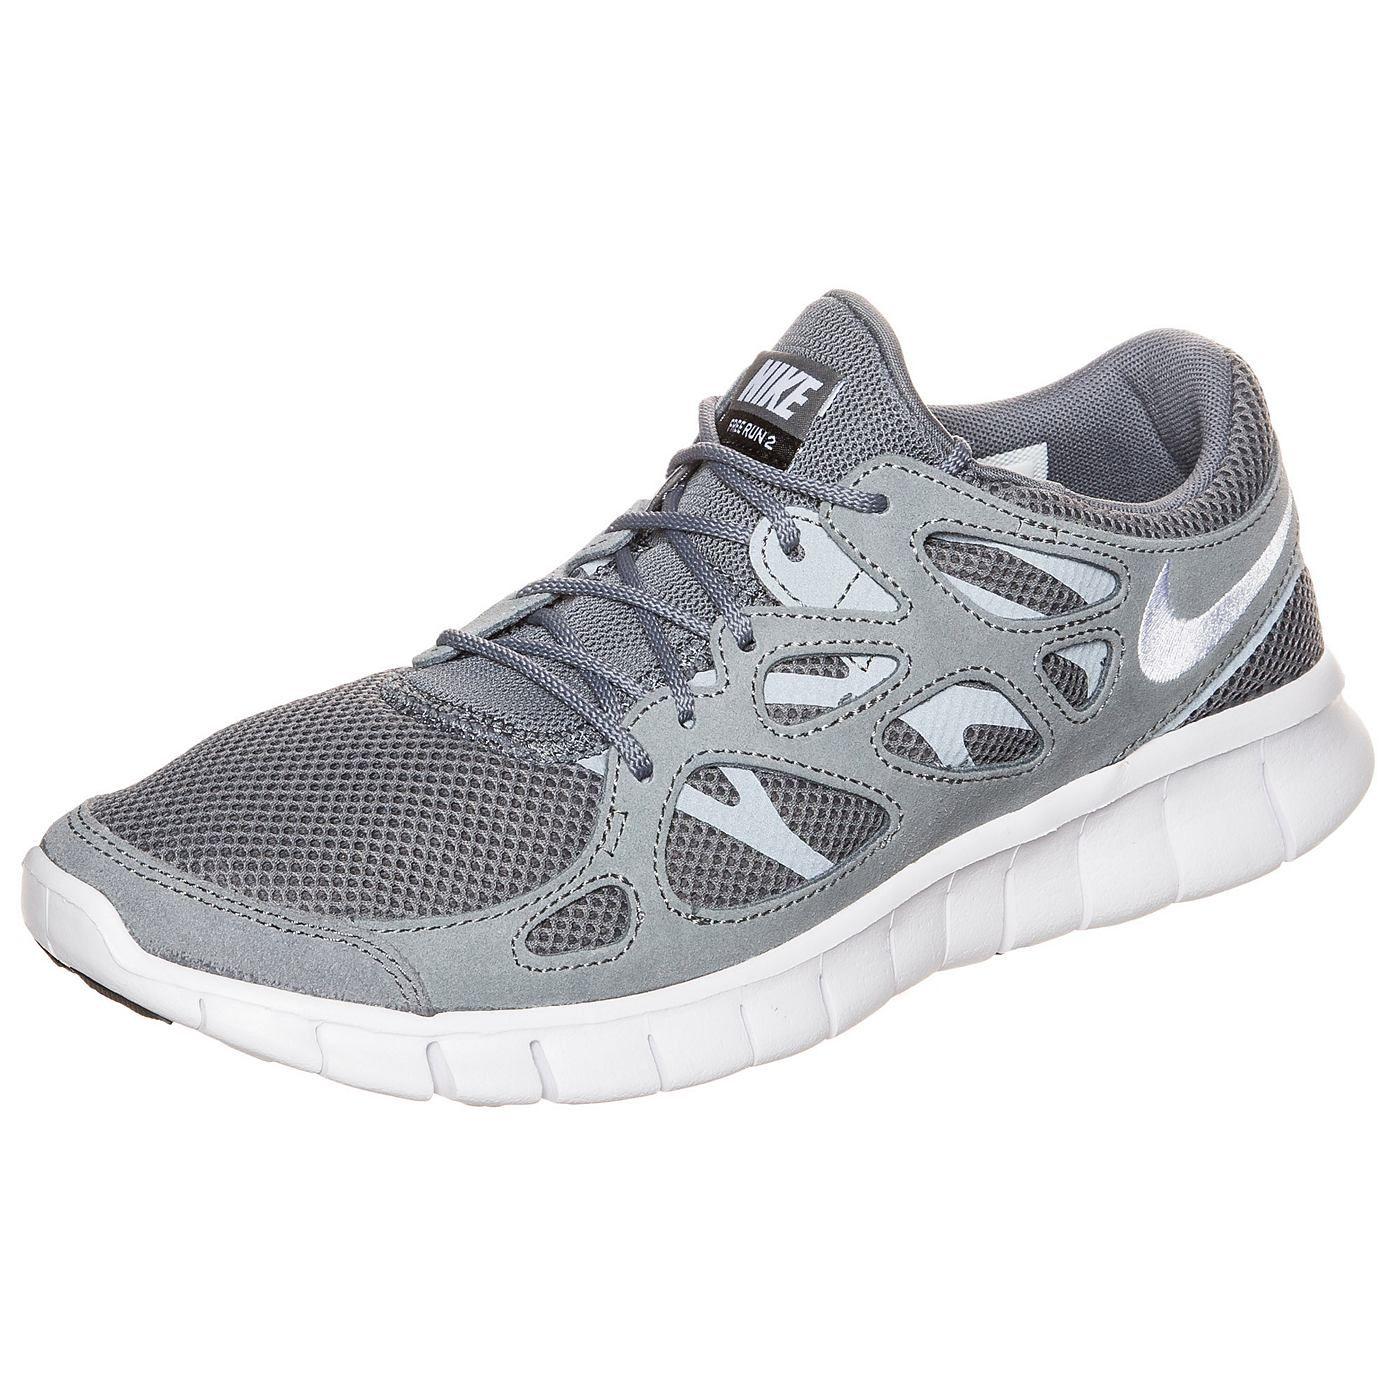 Free Run 2 Sneaker Herren    Der Nike Free Run 2 gehört zu den Leichtgewichten seiner Klasse und passt sich deiner natürlichen Fußbewegung an, um dir auch an stressigen Tagen immer einen sanften Laufkomfort zu garantieren.    Details:   Kombinations-Mesh und Textilobermaterial verstärkt durch leichte, stabile synthetische Haltebänder für Strapazierfähigkeit und Unterstützung / Innenschuh für pe...